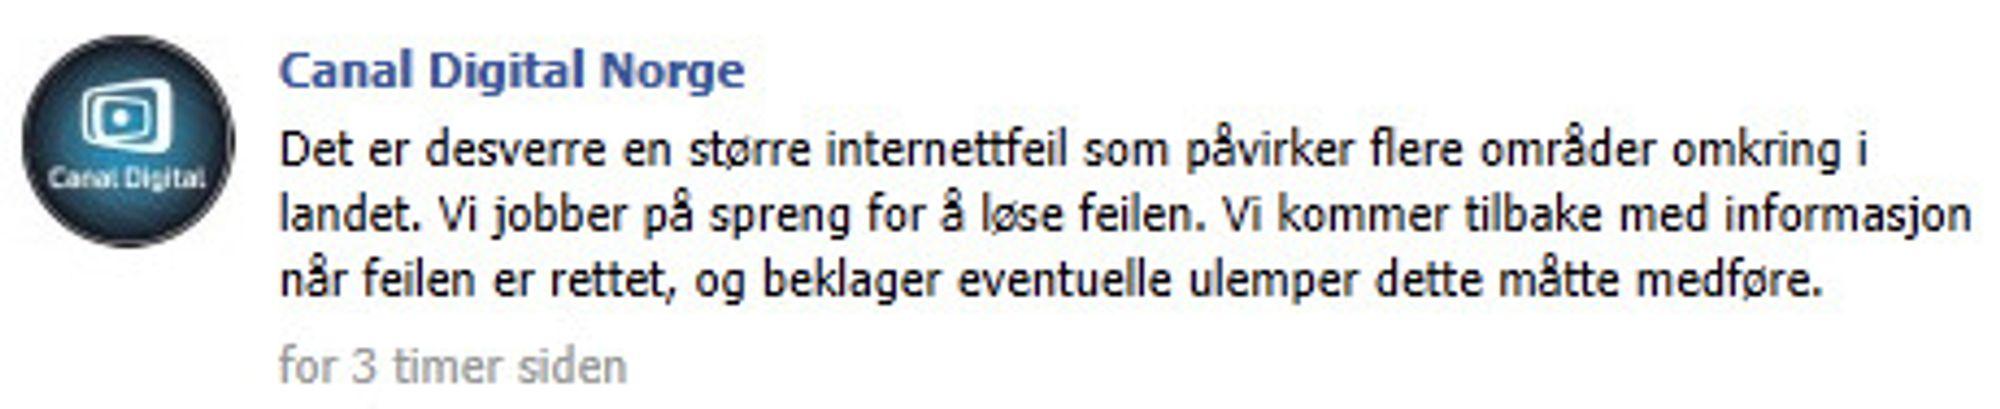 Facebook-melding fra Canal Digital Norge.